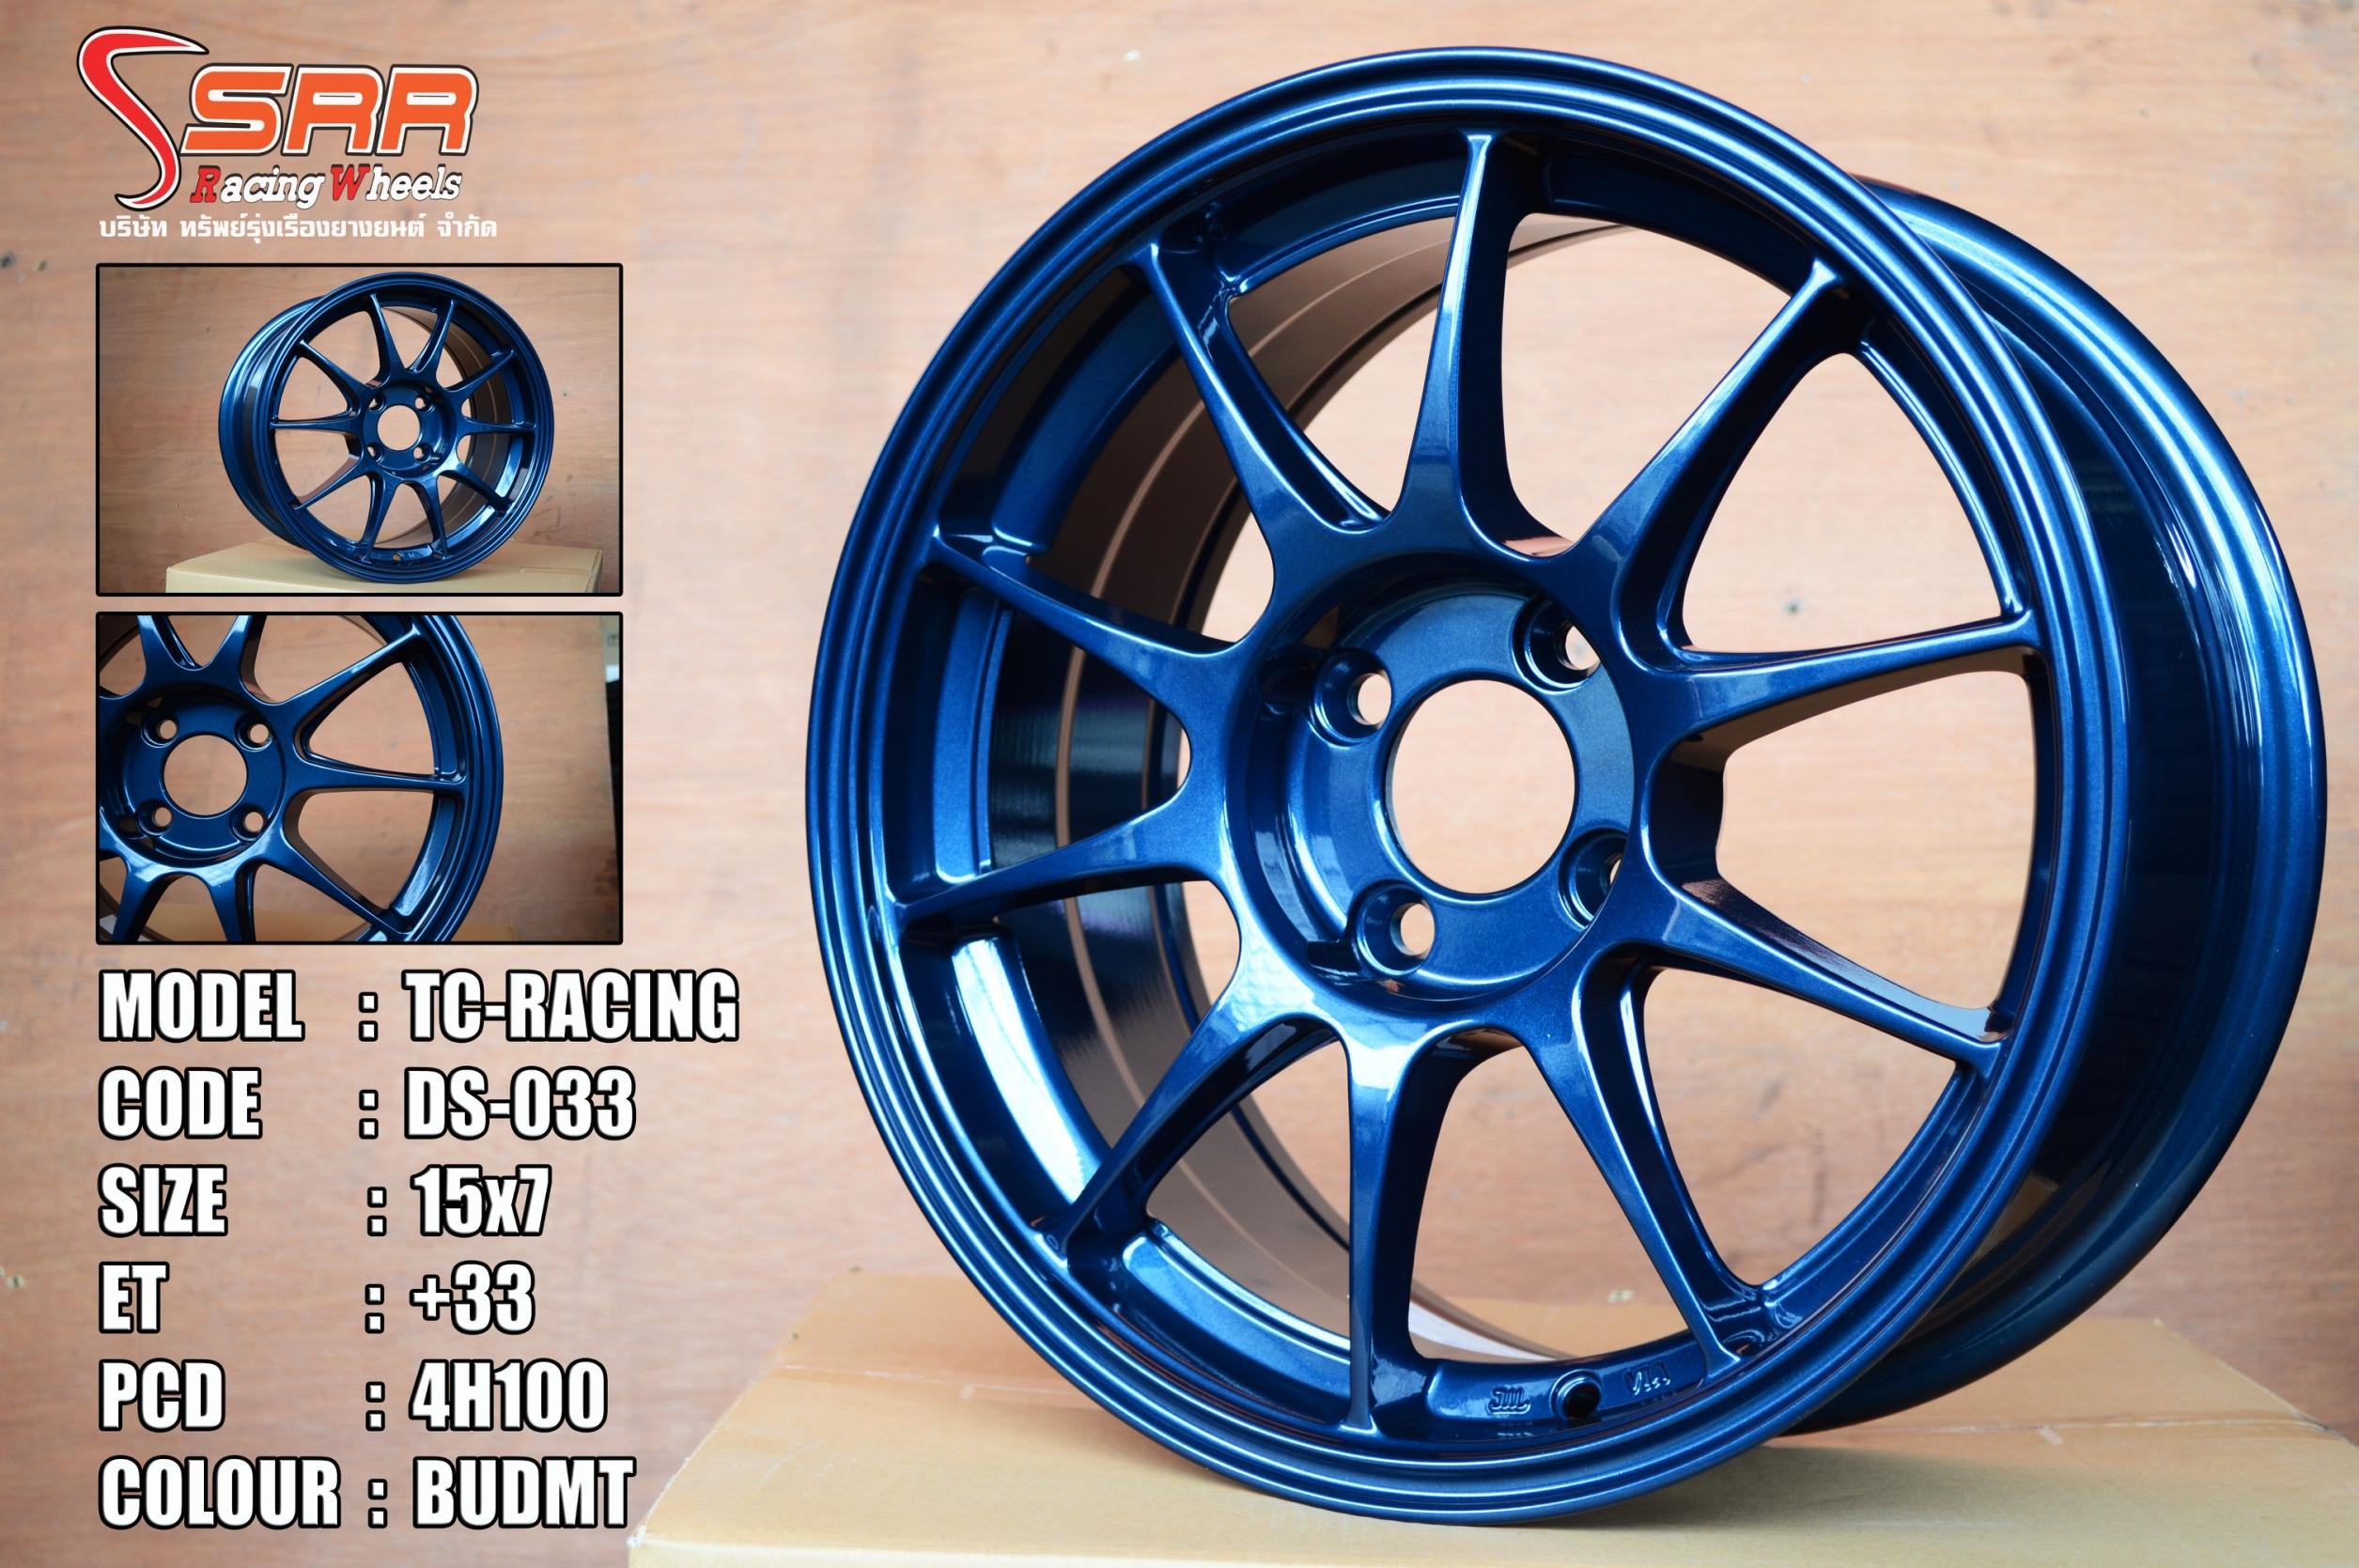 ล้อแม็กซ์ TC-RACING 15นิ้ว 7.0 et+33 ล้อใหม่